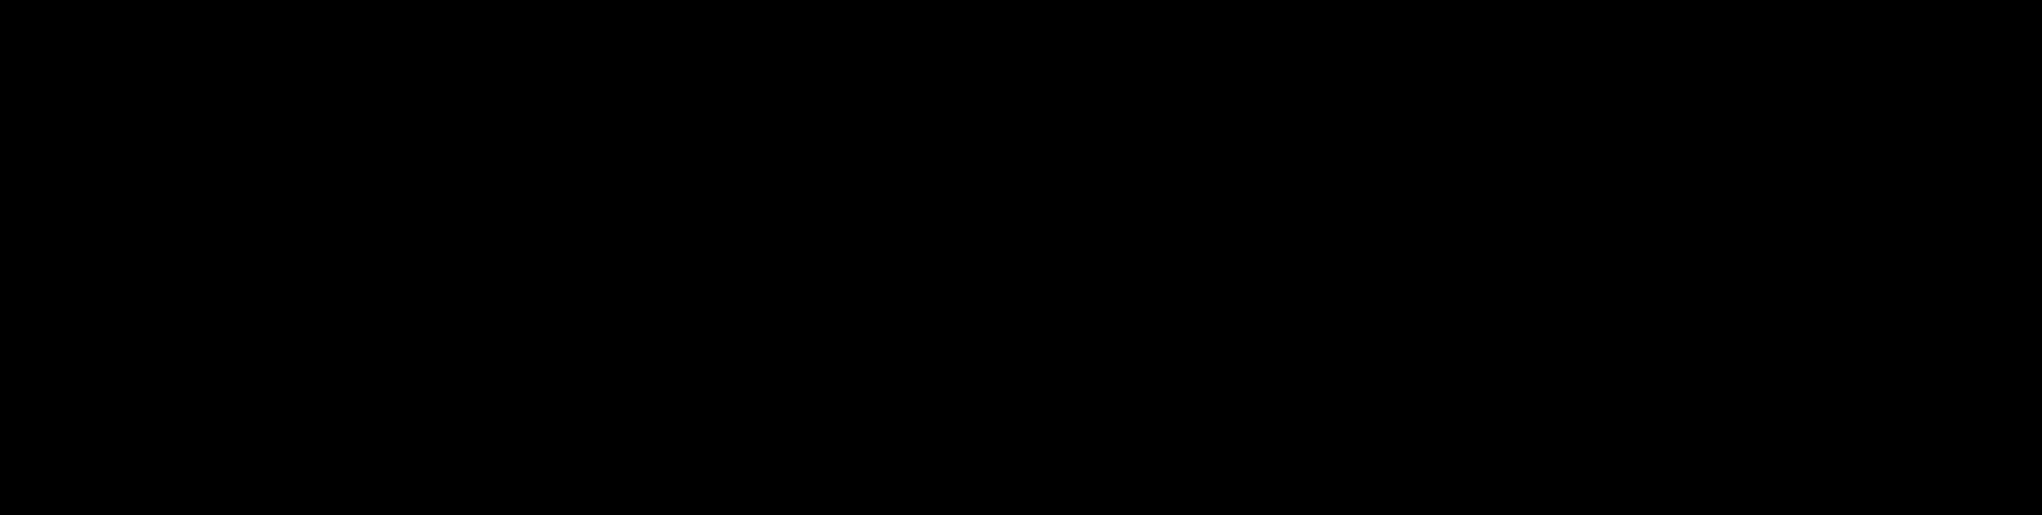 ラクスルロゴ